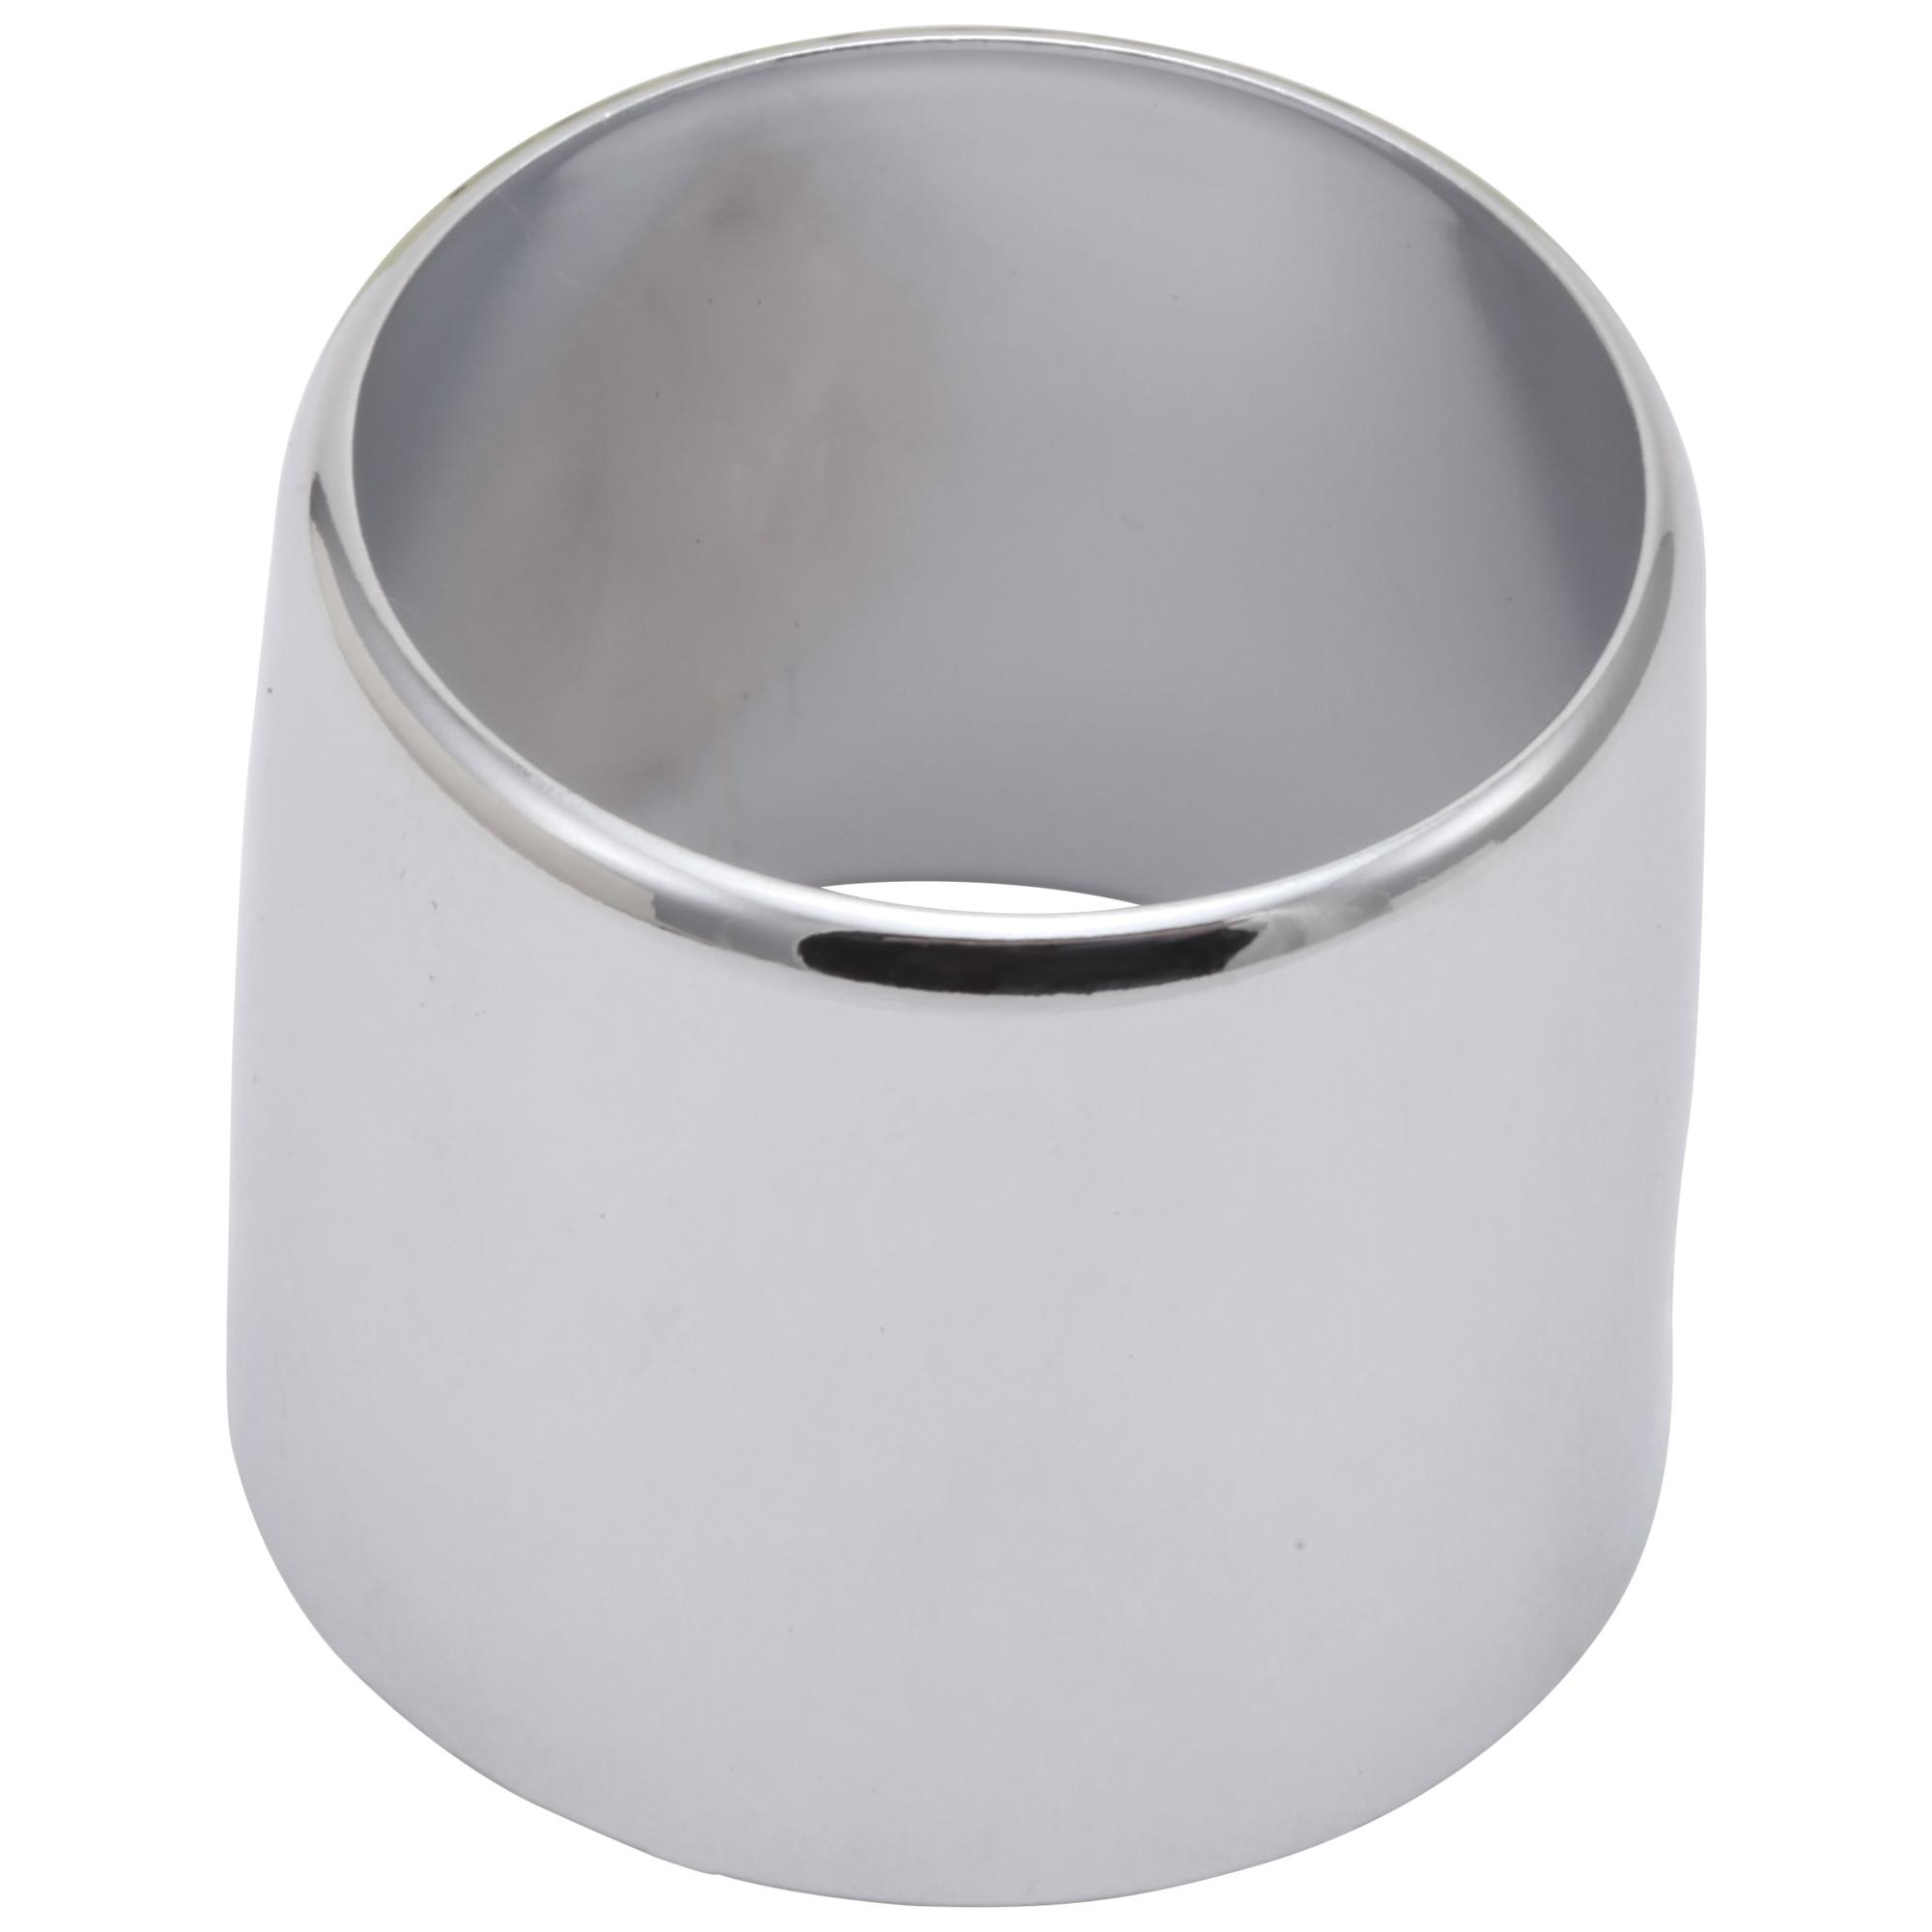 DELTA® RP21464 Waterfall® Kitchen Faucet Spout Bonnet, Chrome Plated